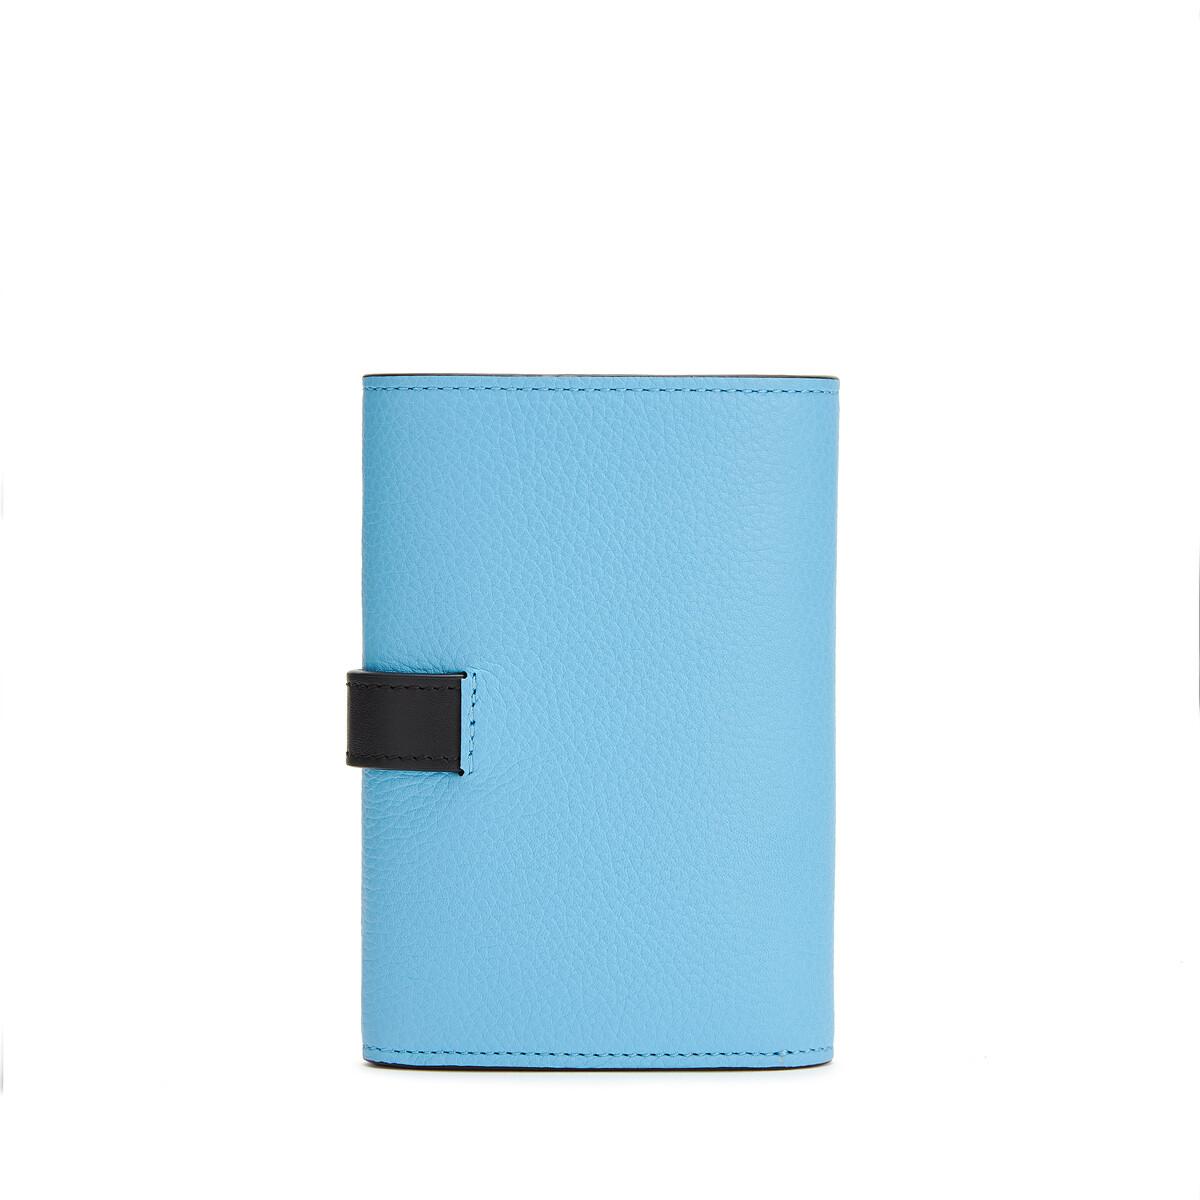 LOEWE Small Vertical Wallet Sky-Blue/Black front